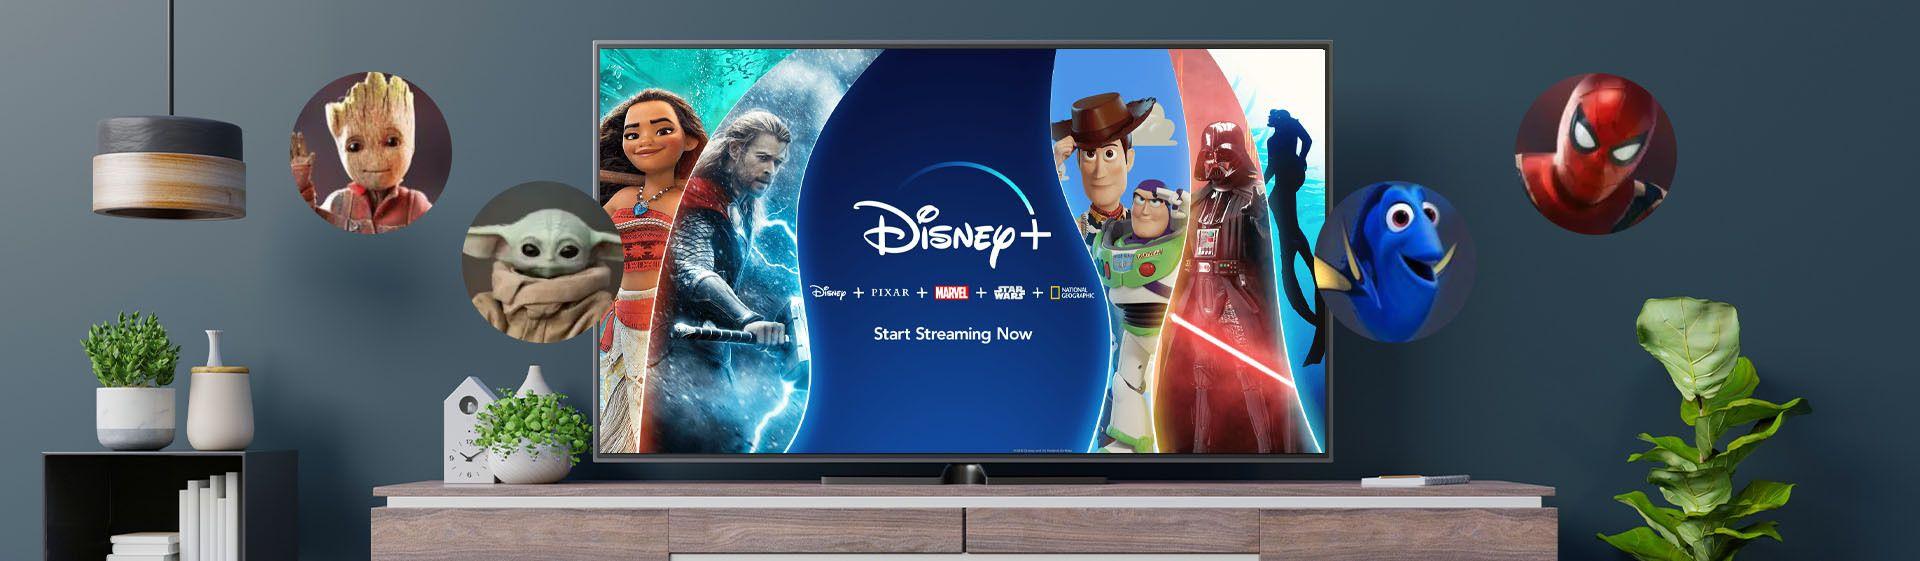 Disney +: confira quais TVs são compatíveis e como baixar o app